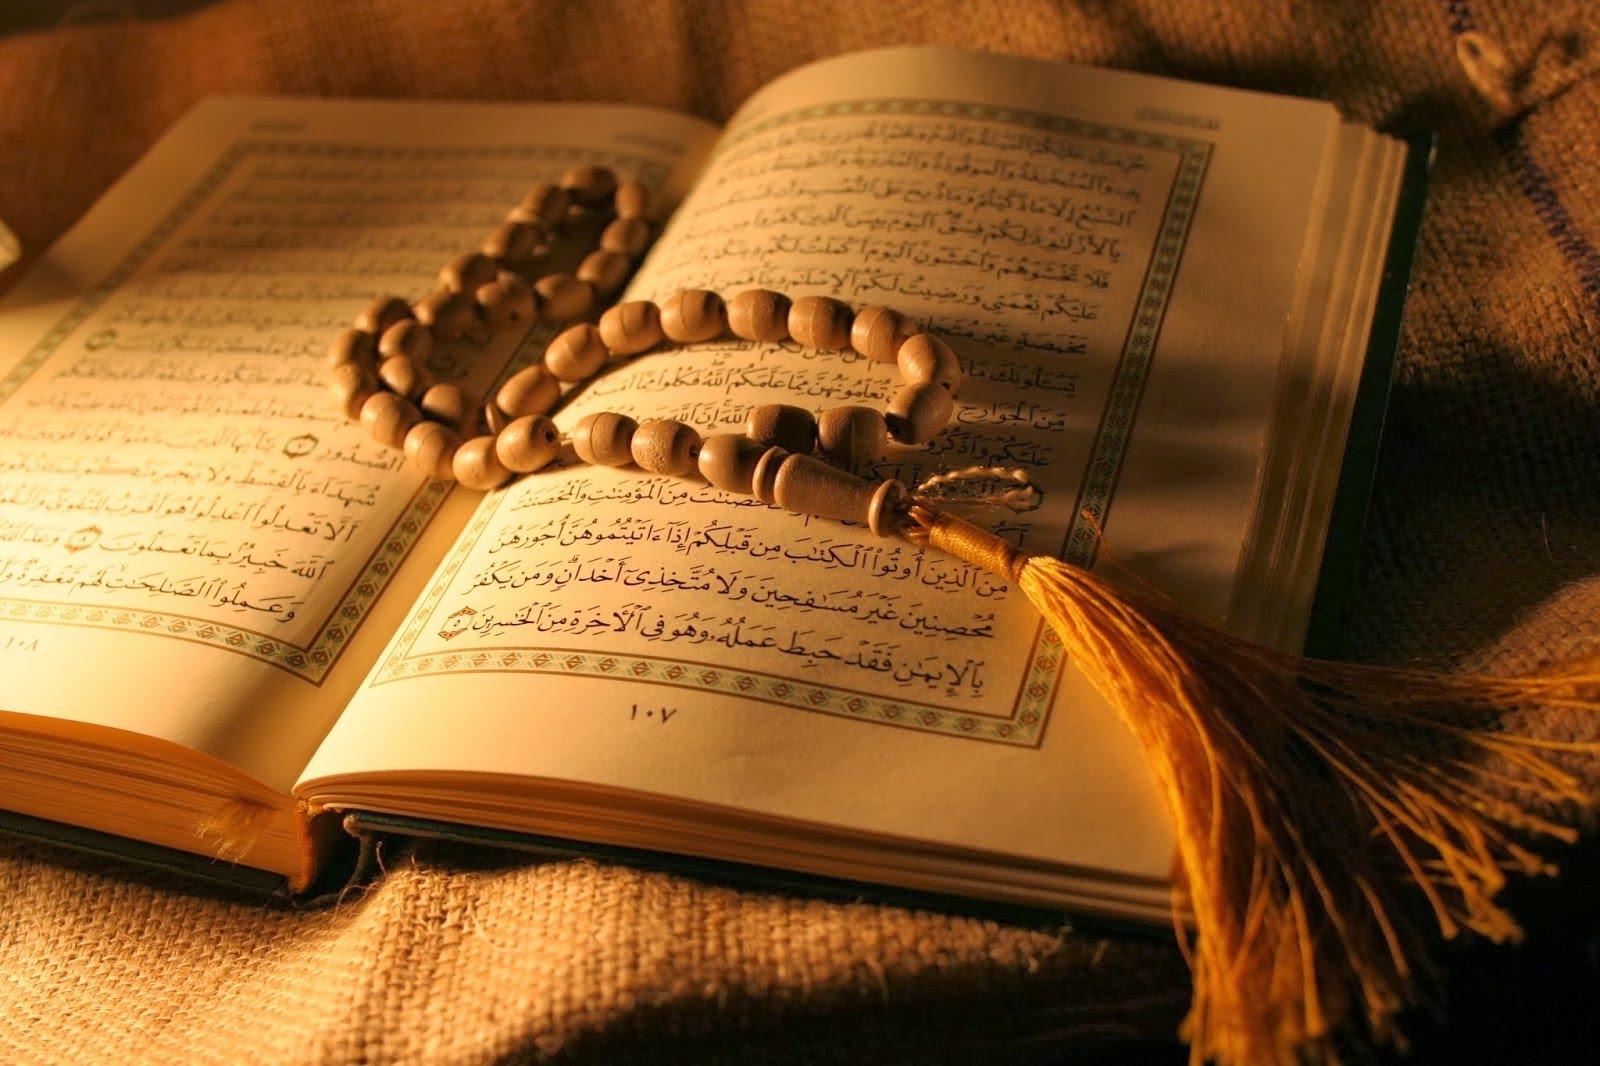 Info Shqip: Mesazhet më të fuqishme të Kuranit. që i'a vlen t'i lexoni